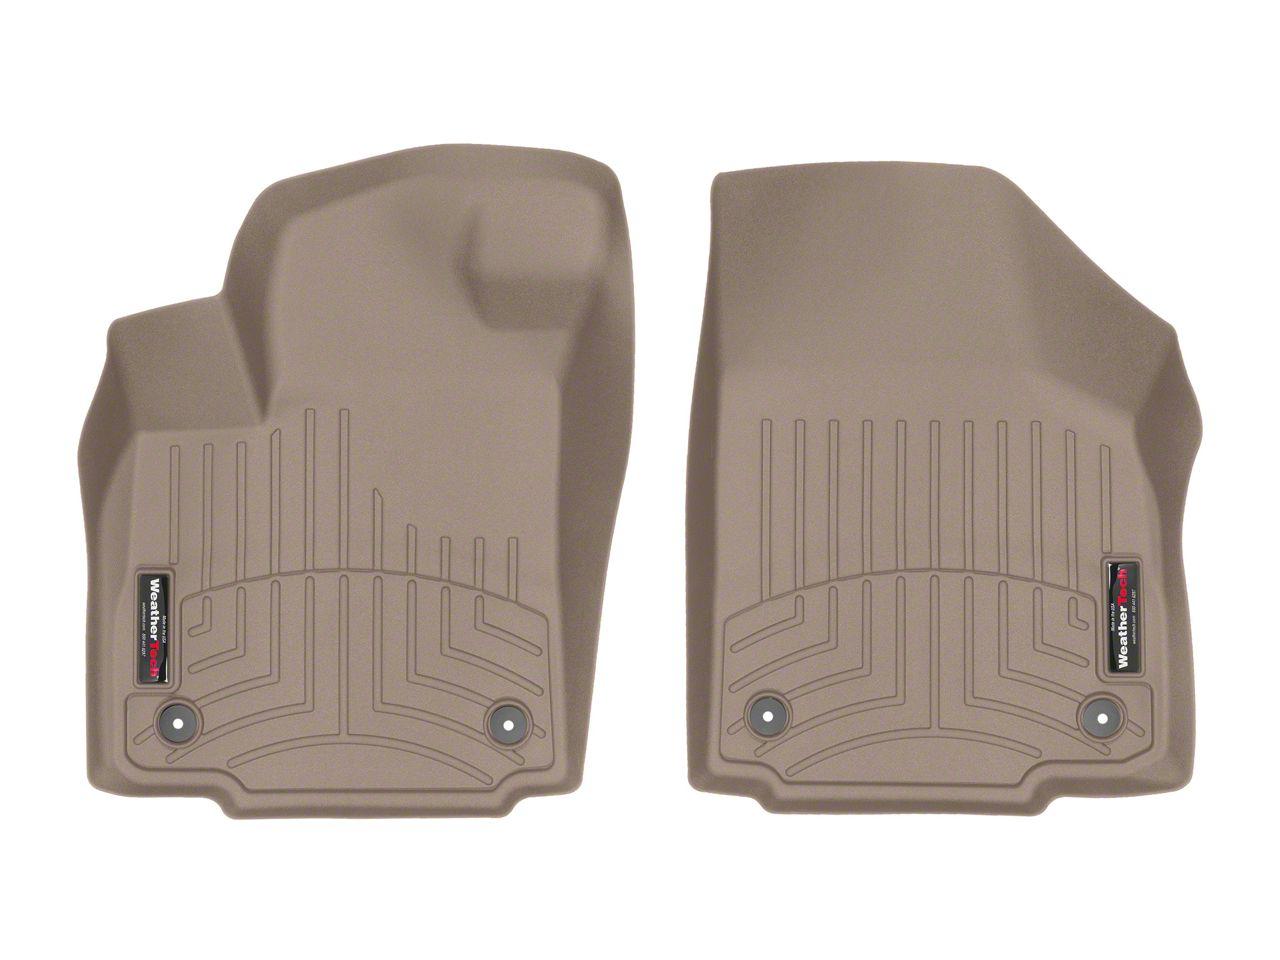 Weathertech DigitalFit Front Floor Liners - Tan (2019 RAM 1500 Crew Cab)